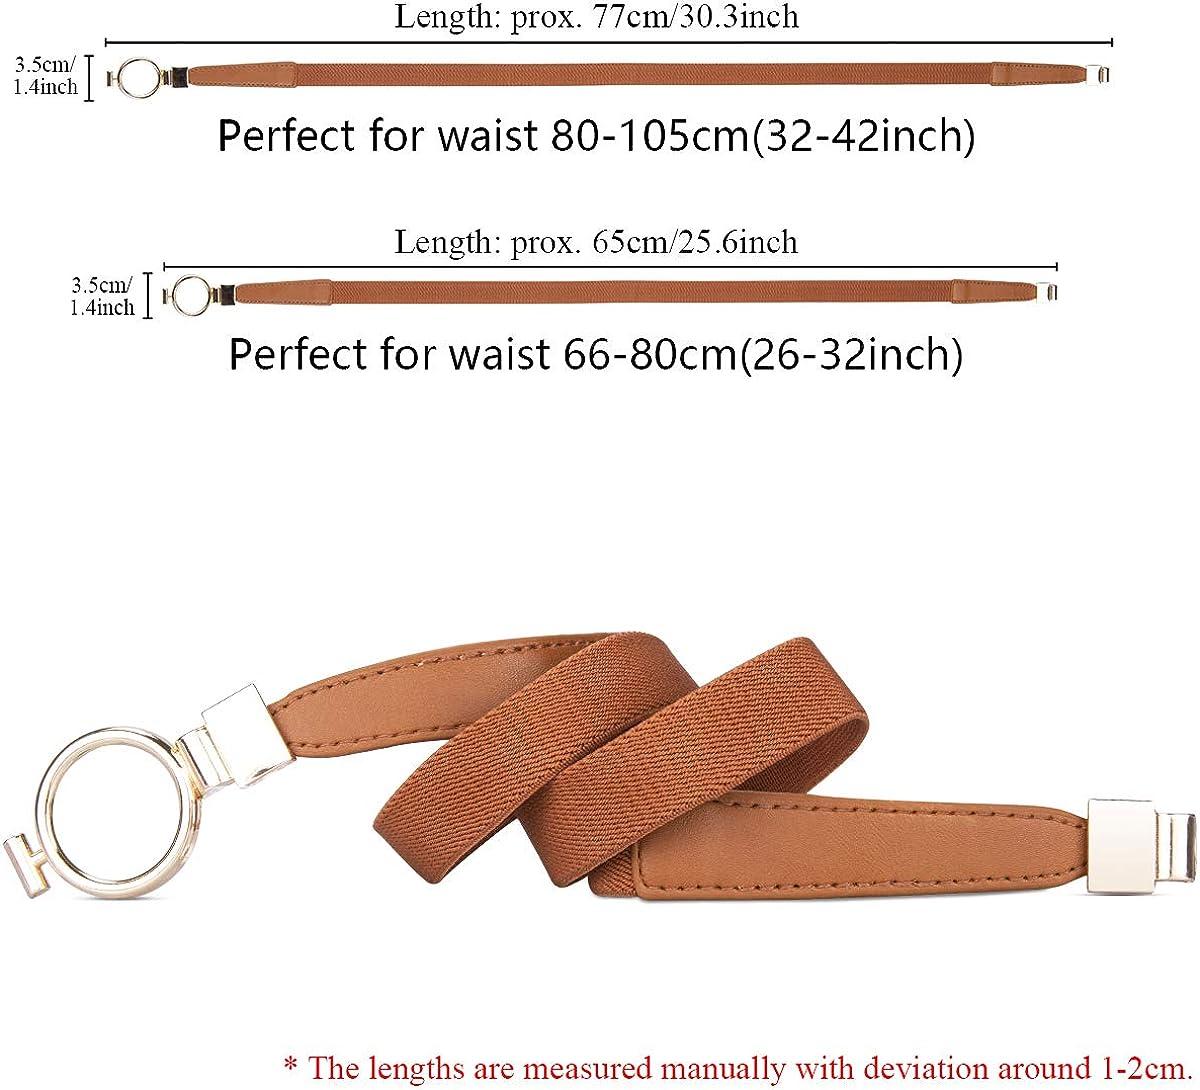 MELLIEX 2 Stücke Damen Dünner Gürtel, Elastischer Schmaler Taillengürtel Metall Haken Taillen Gürtel für Kleid Schwarz + Braun